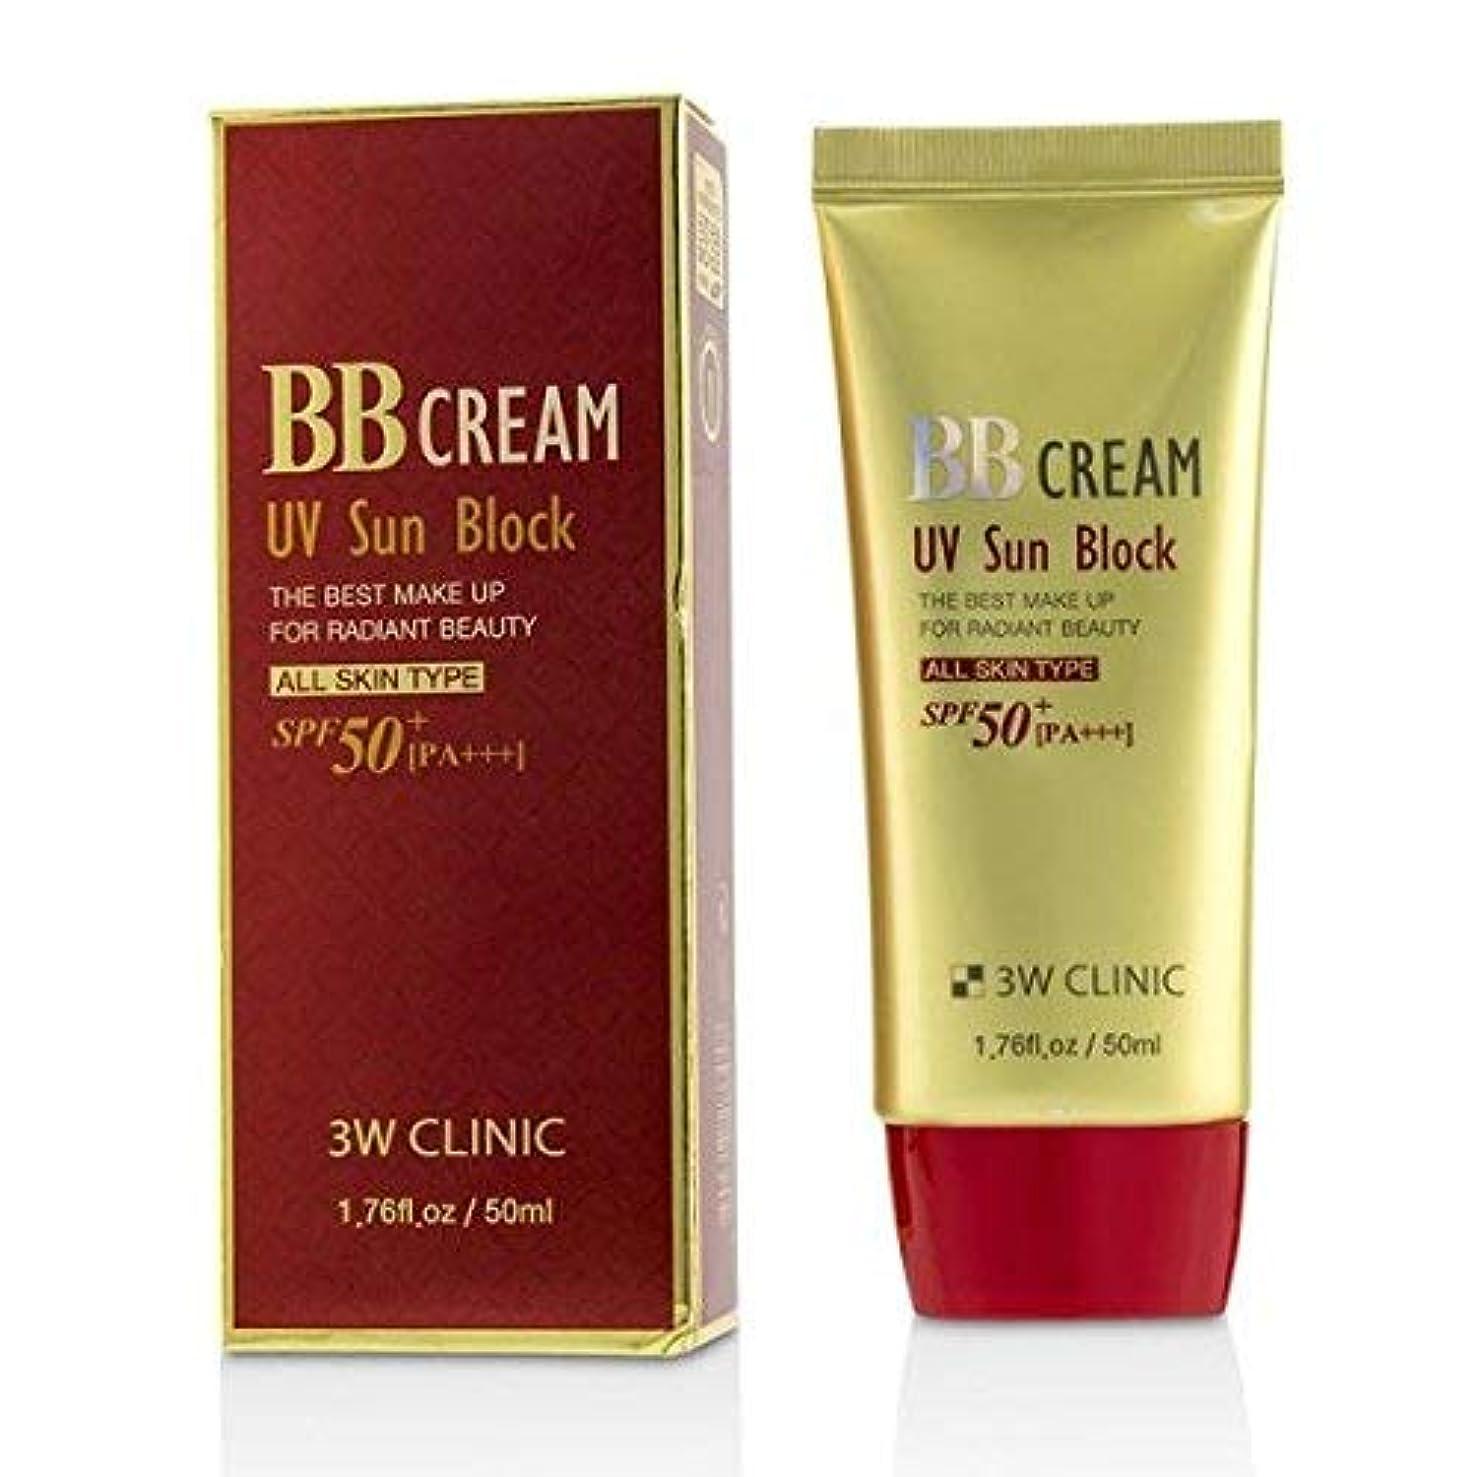 錆びブルホイップ3W CLINIC Uv SunブロックBbクリームSpf50 Pa +++韓国化粧品 [並行輸入品]